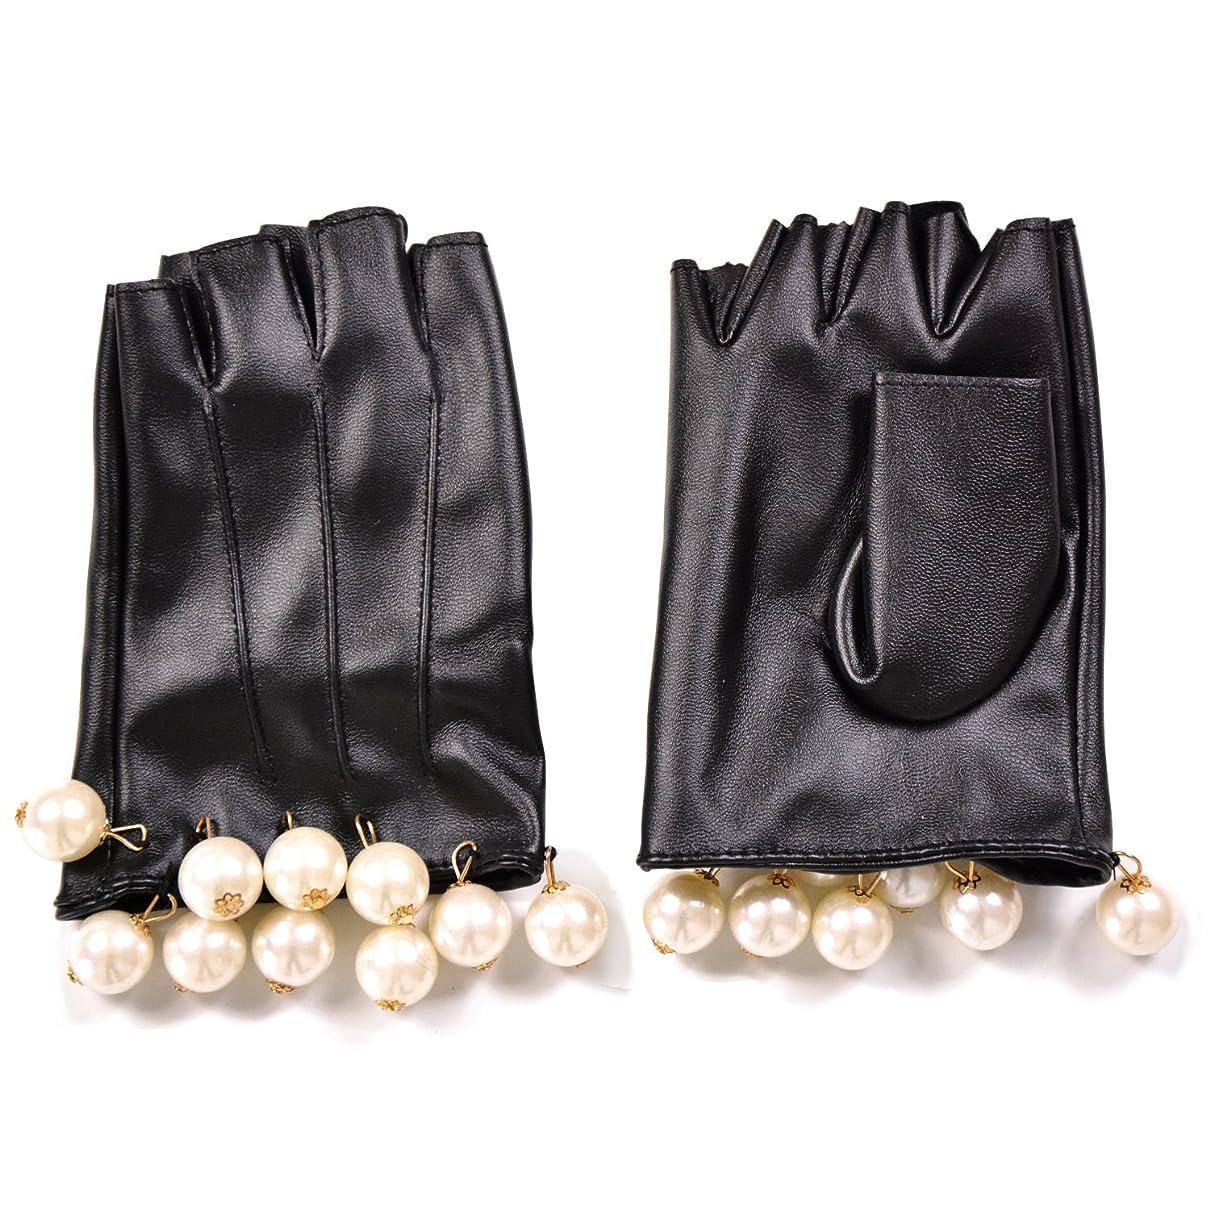 生き残り勤勉セッションエレガント フェイクレザー ショートグローブ グローブ 手袋 パール フリル